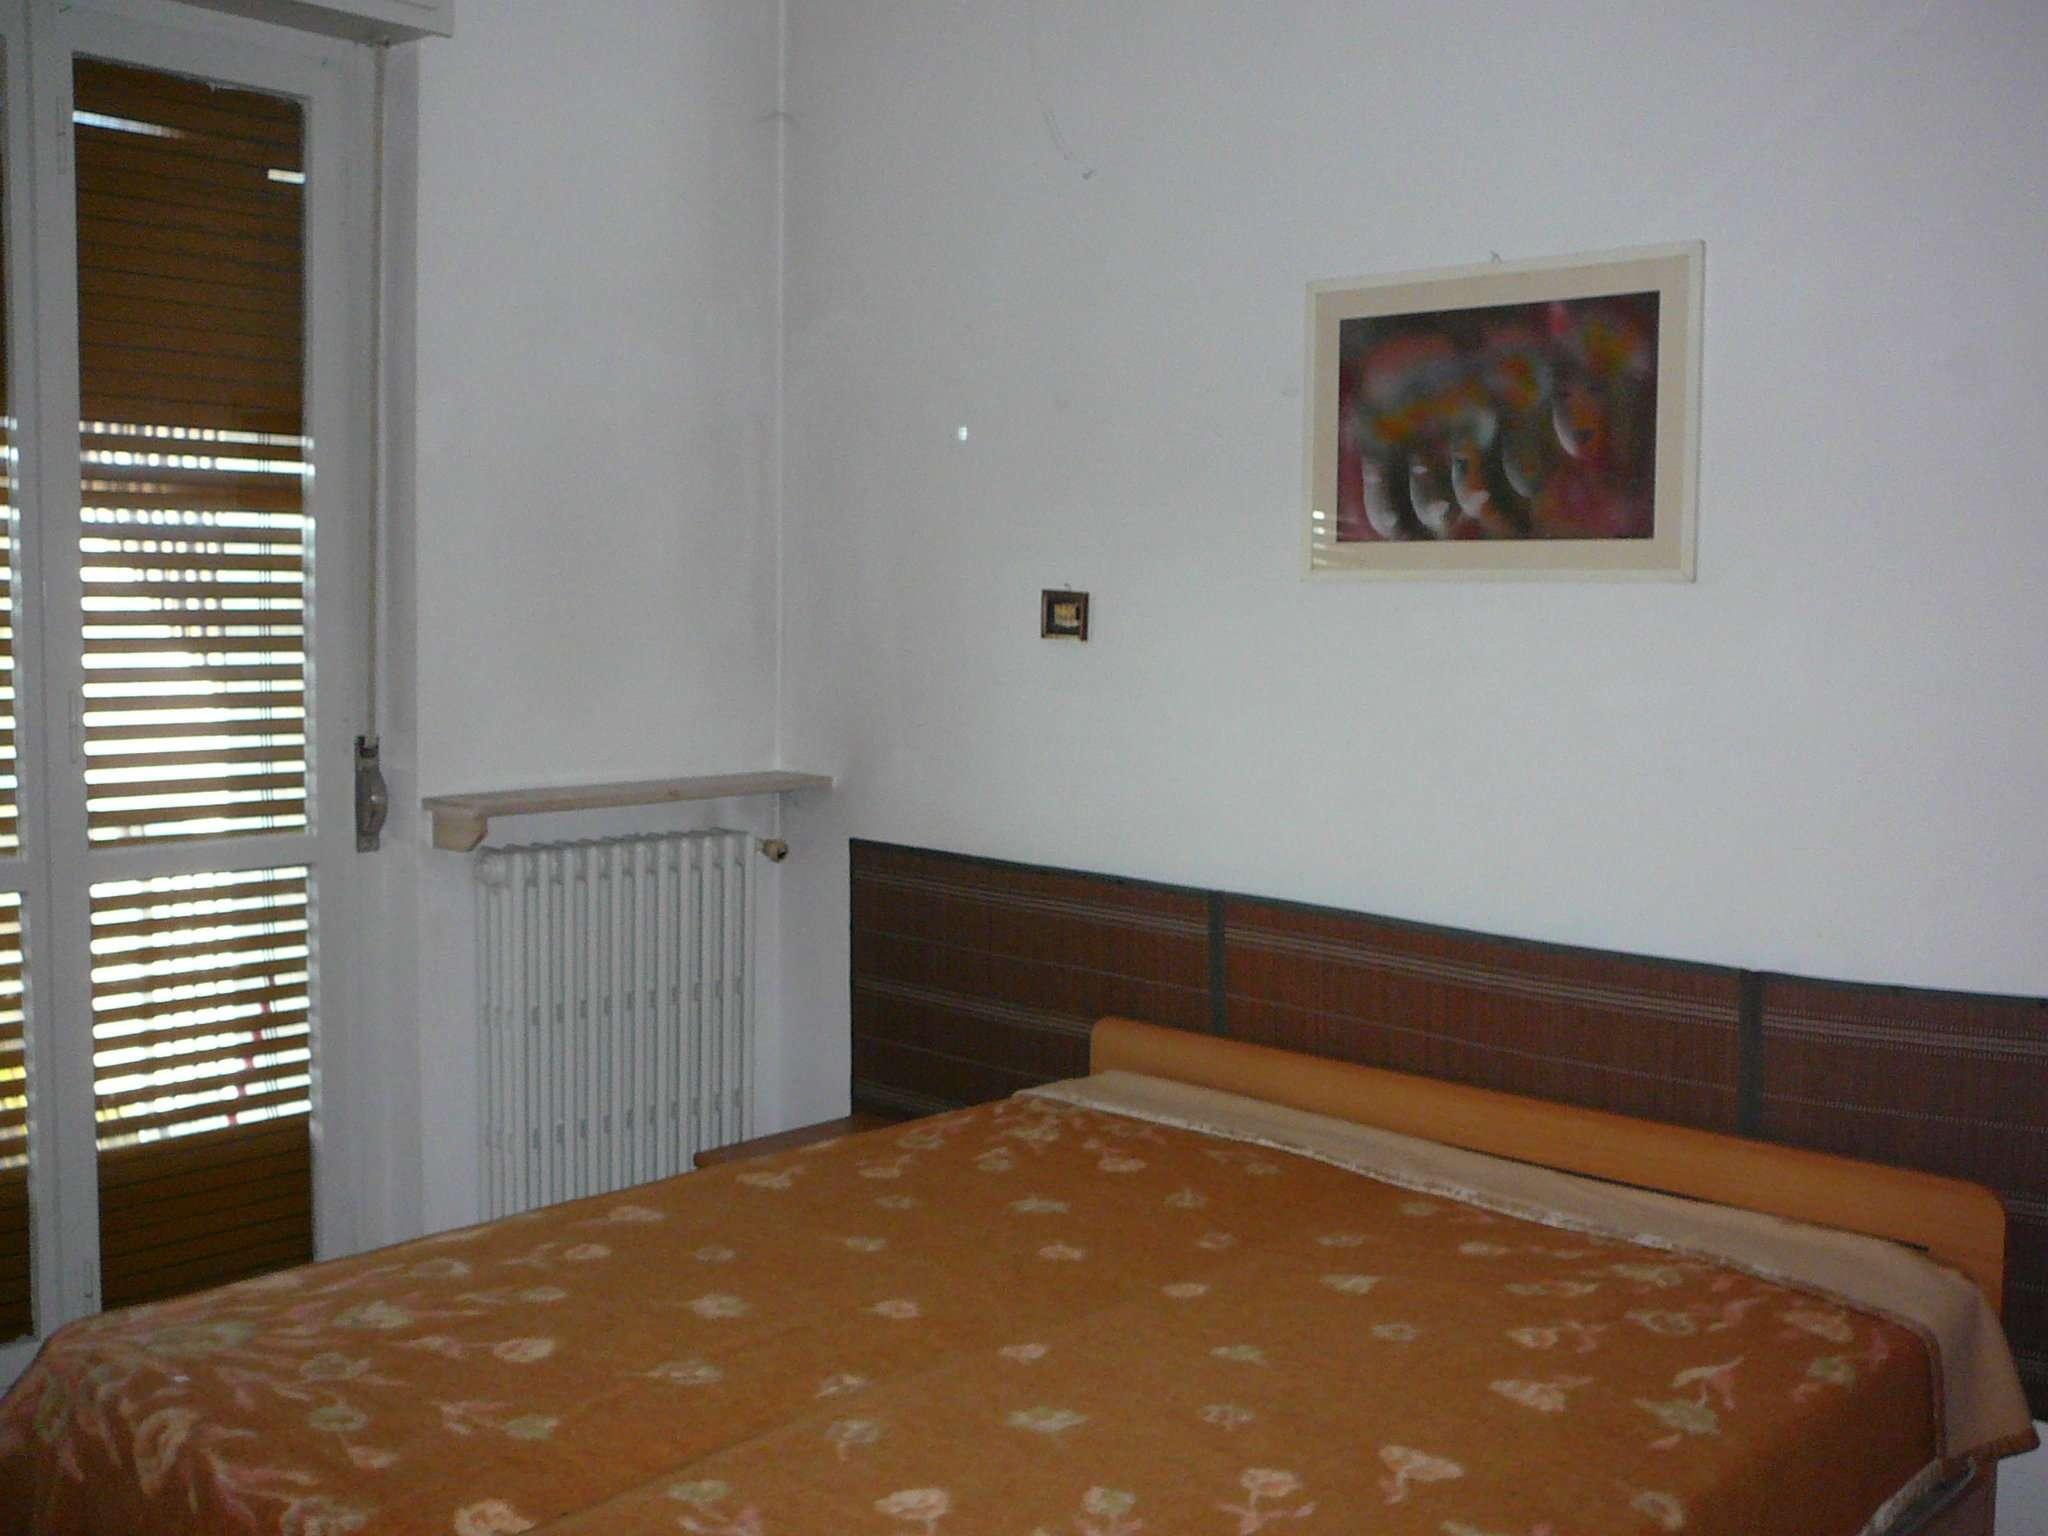 Bilocale Casale Monferrato Via Xx Settembre 9